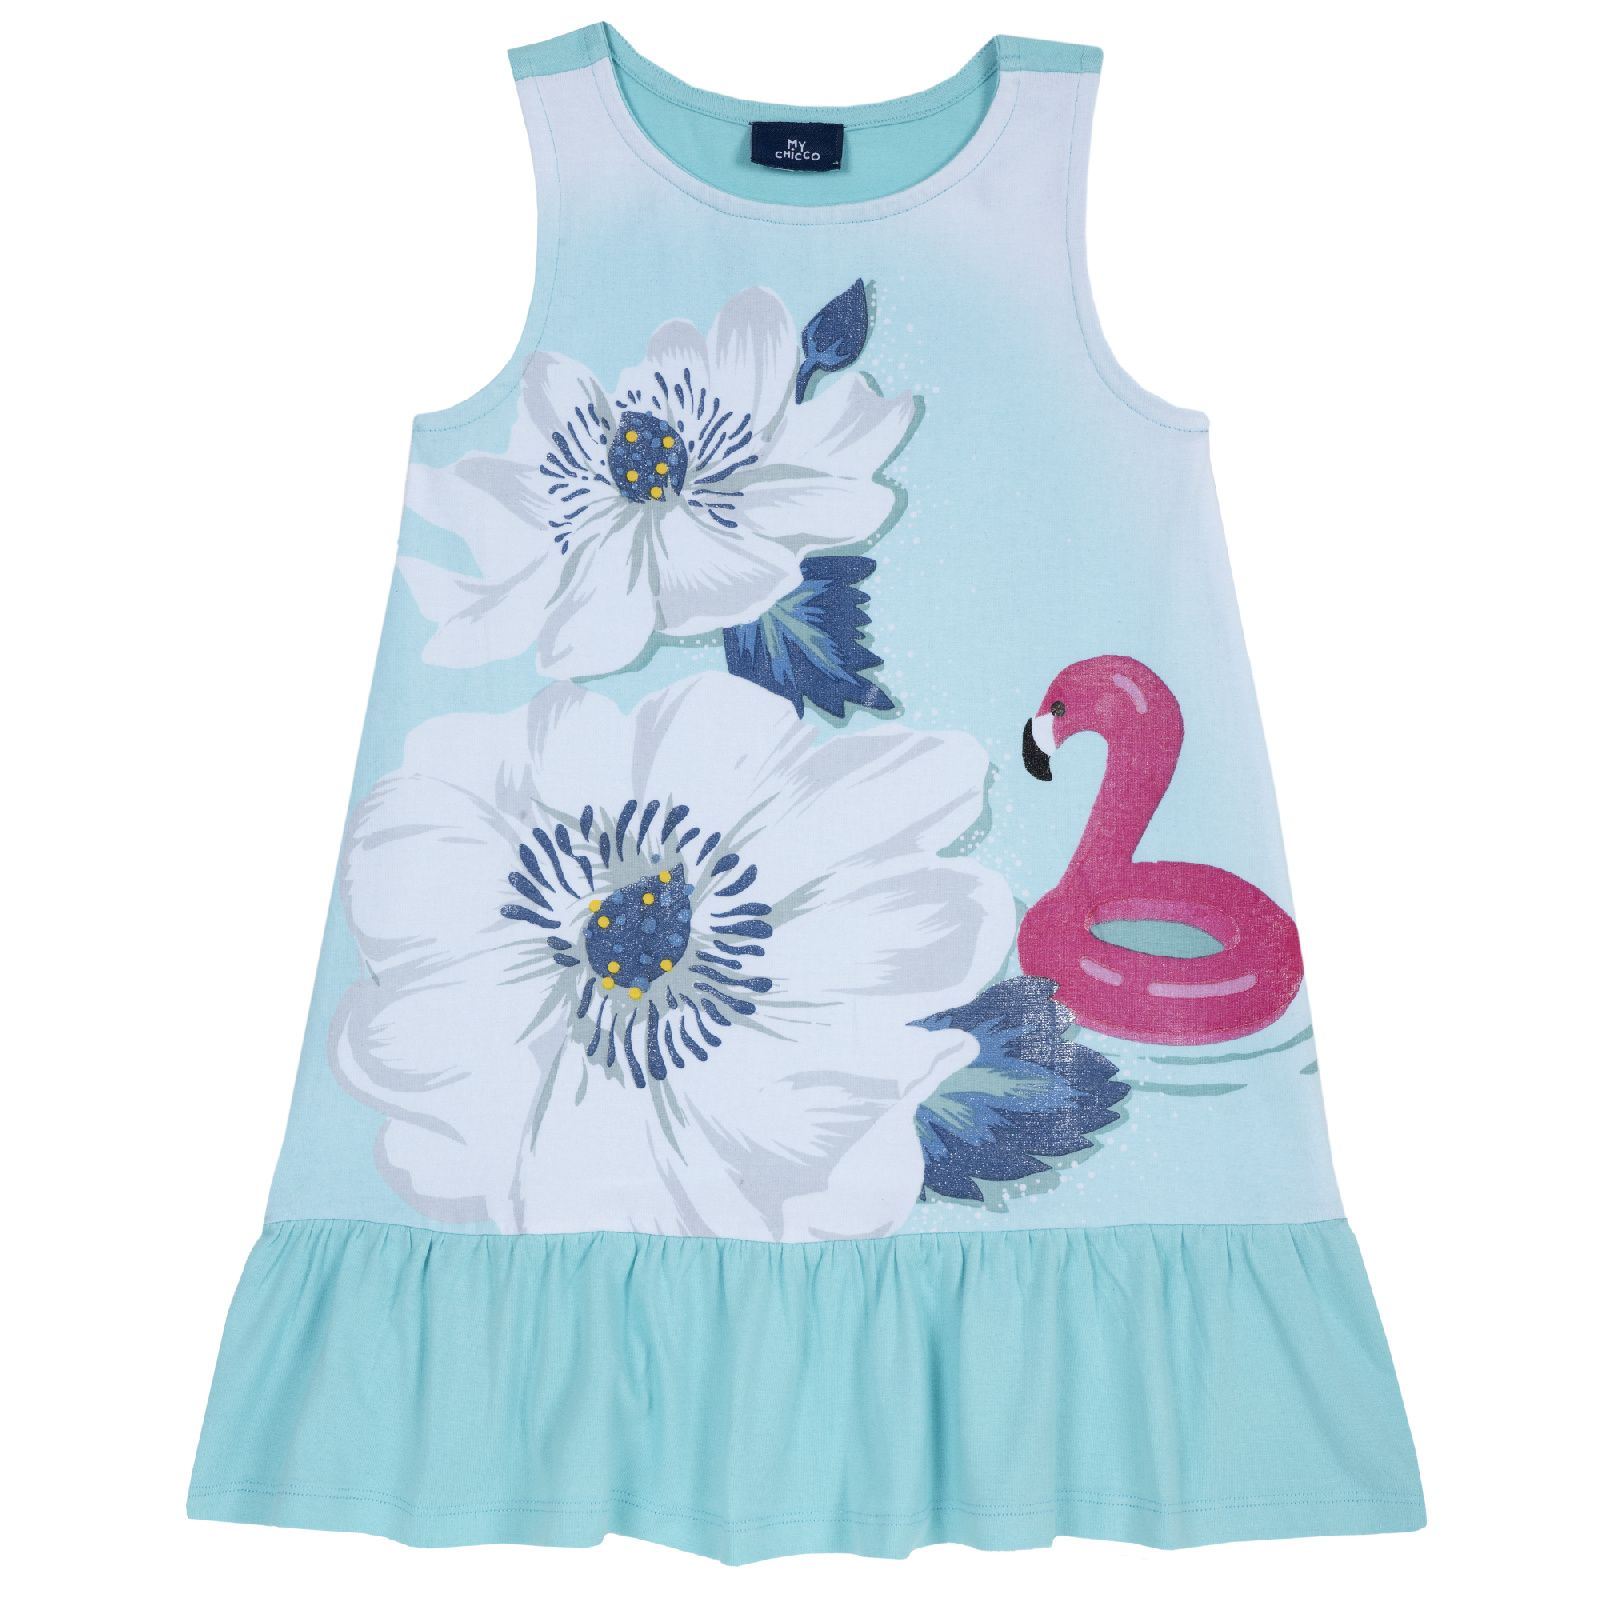 Купить 09003469, Платье Chicco р.098, Цветы и фламинго, цвет бело-голубой, Платья для девочек